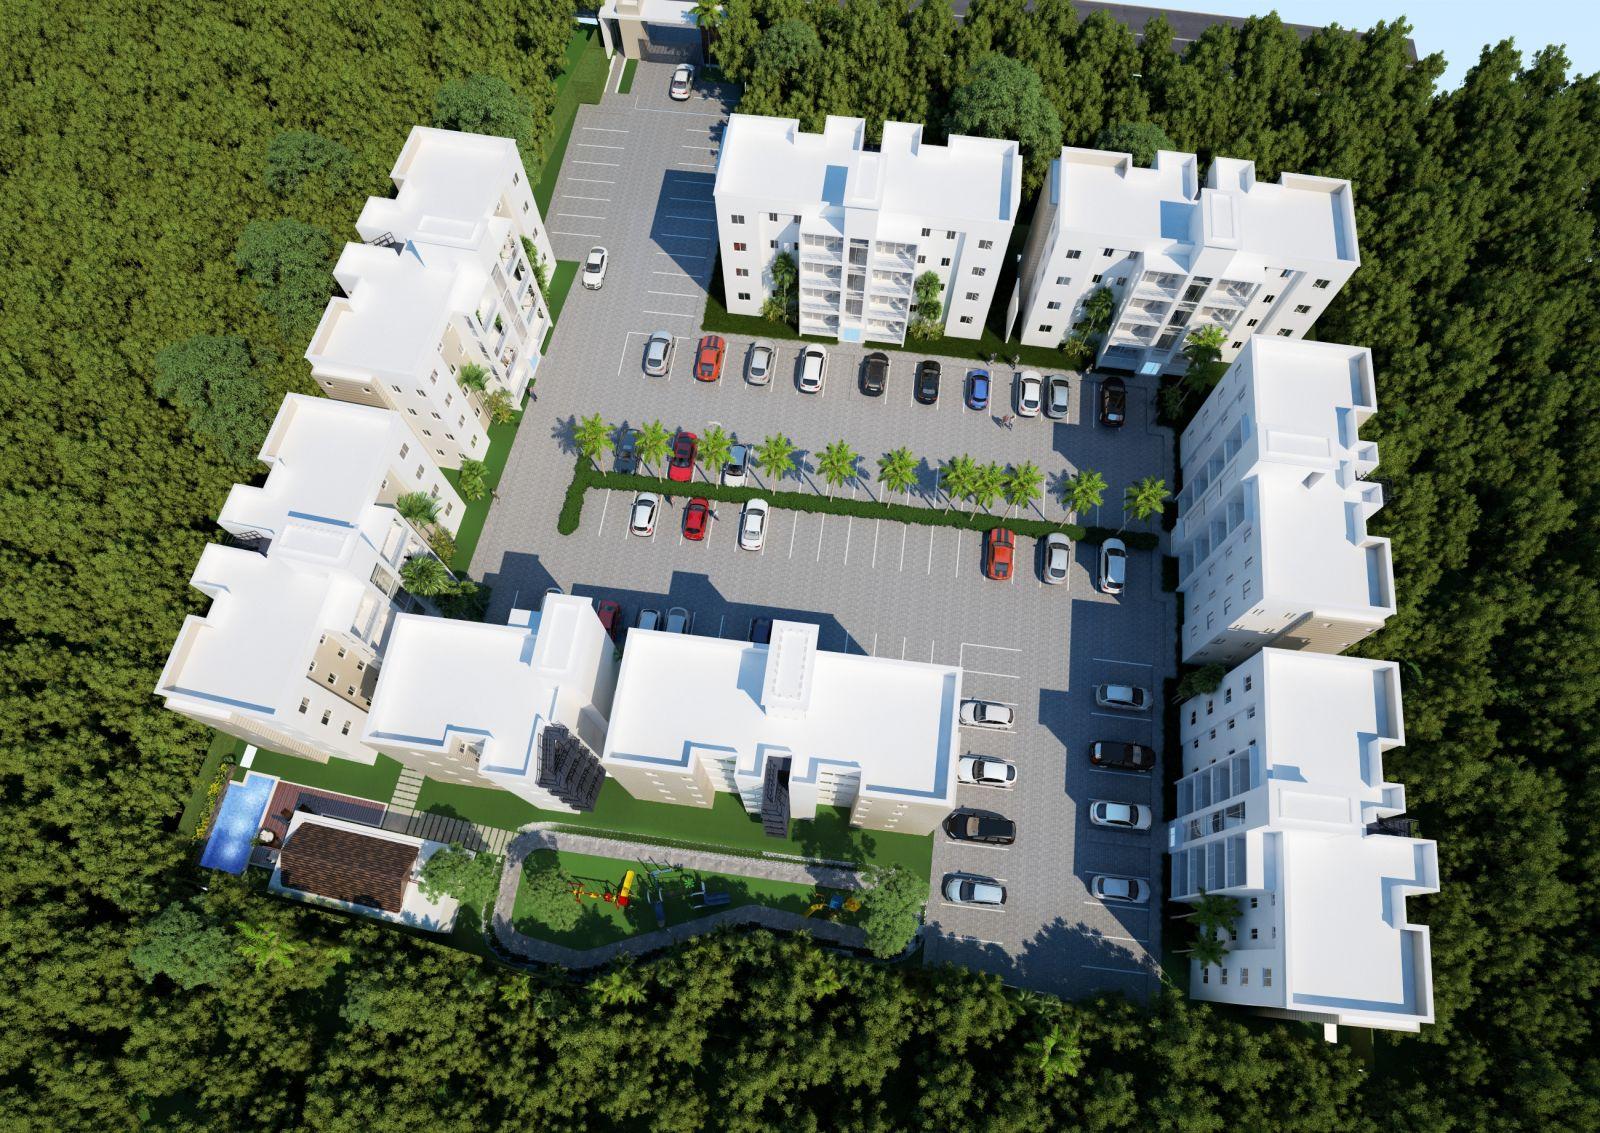 Es un complejo habilitación de 60 apartamentos caracterizado por su diseño moderno.